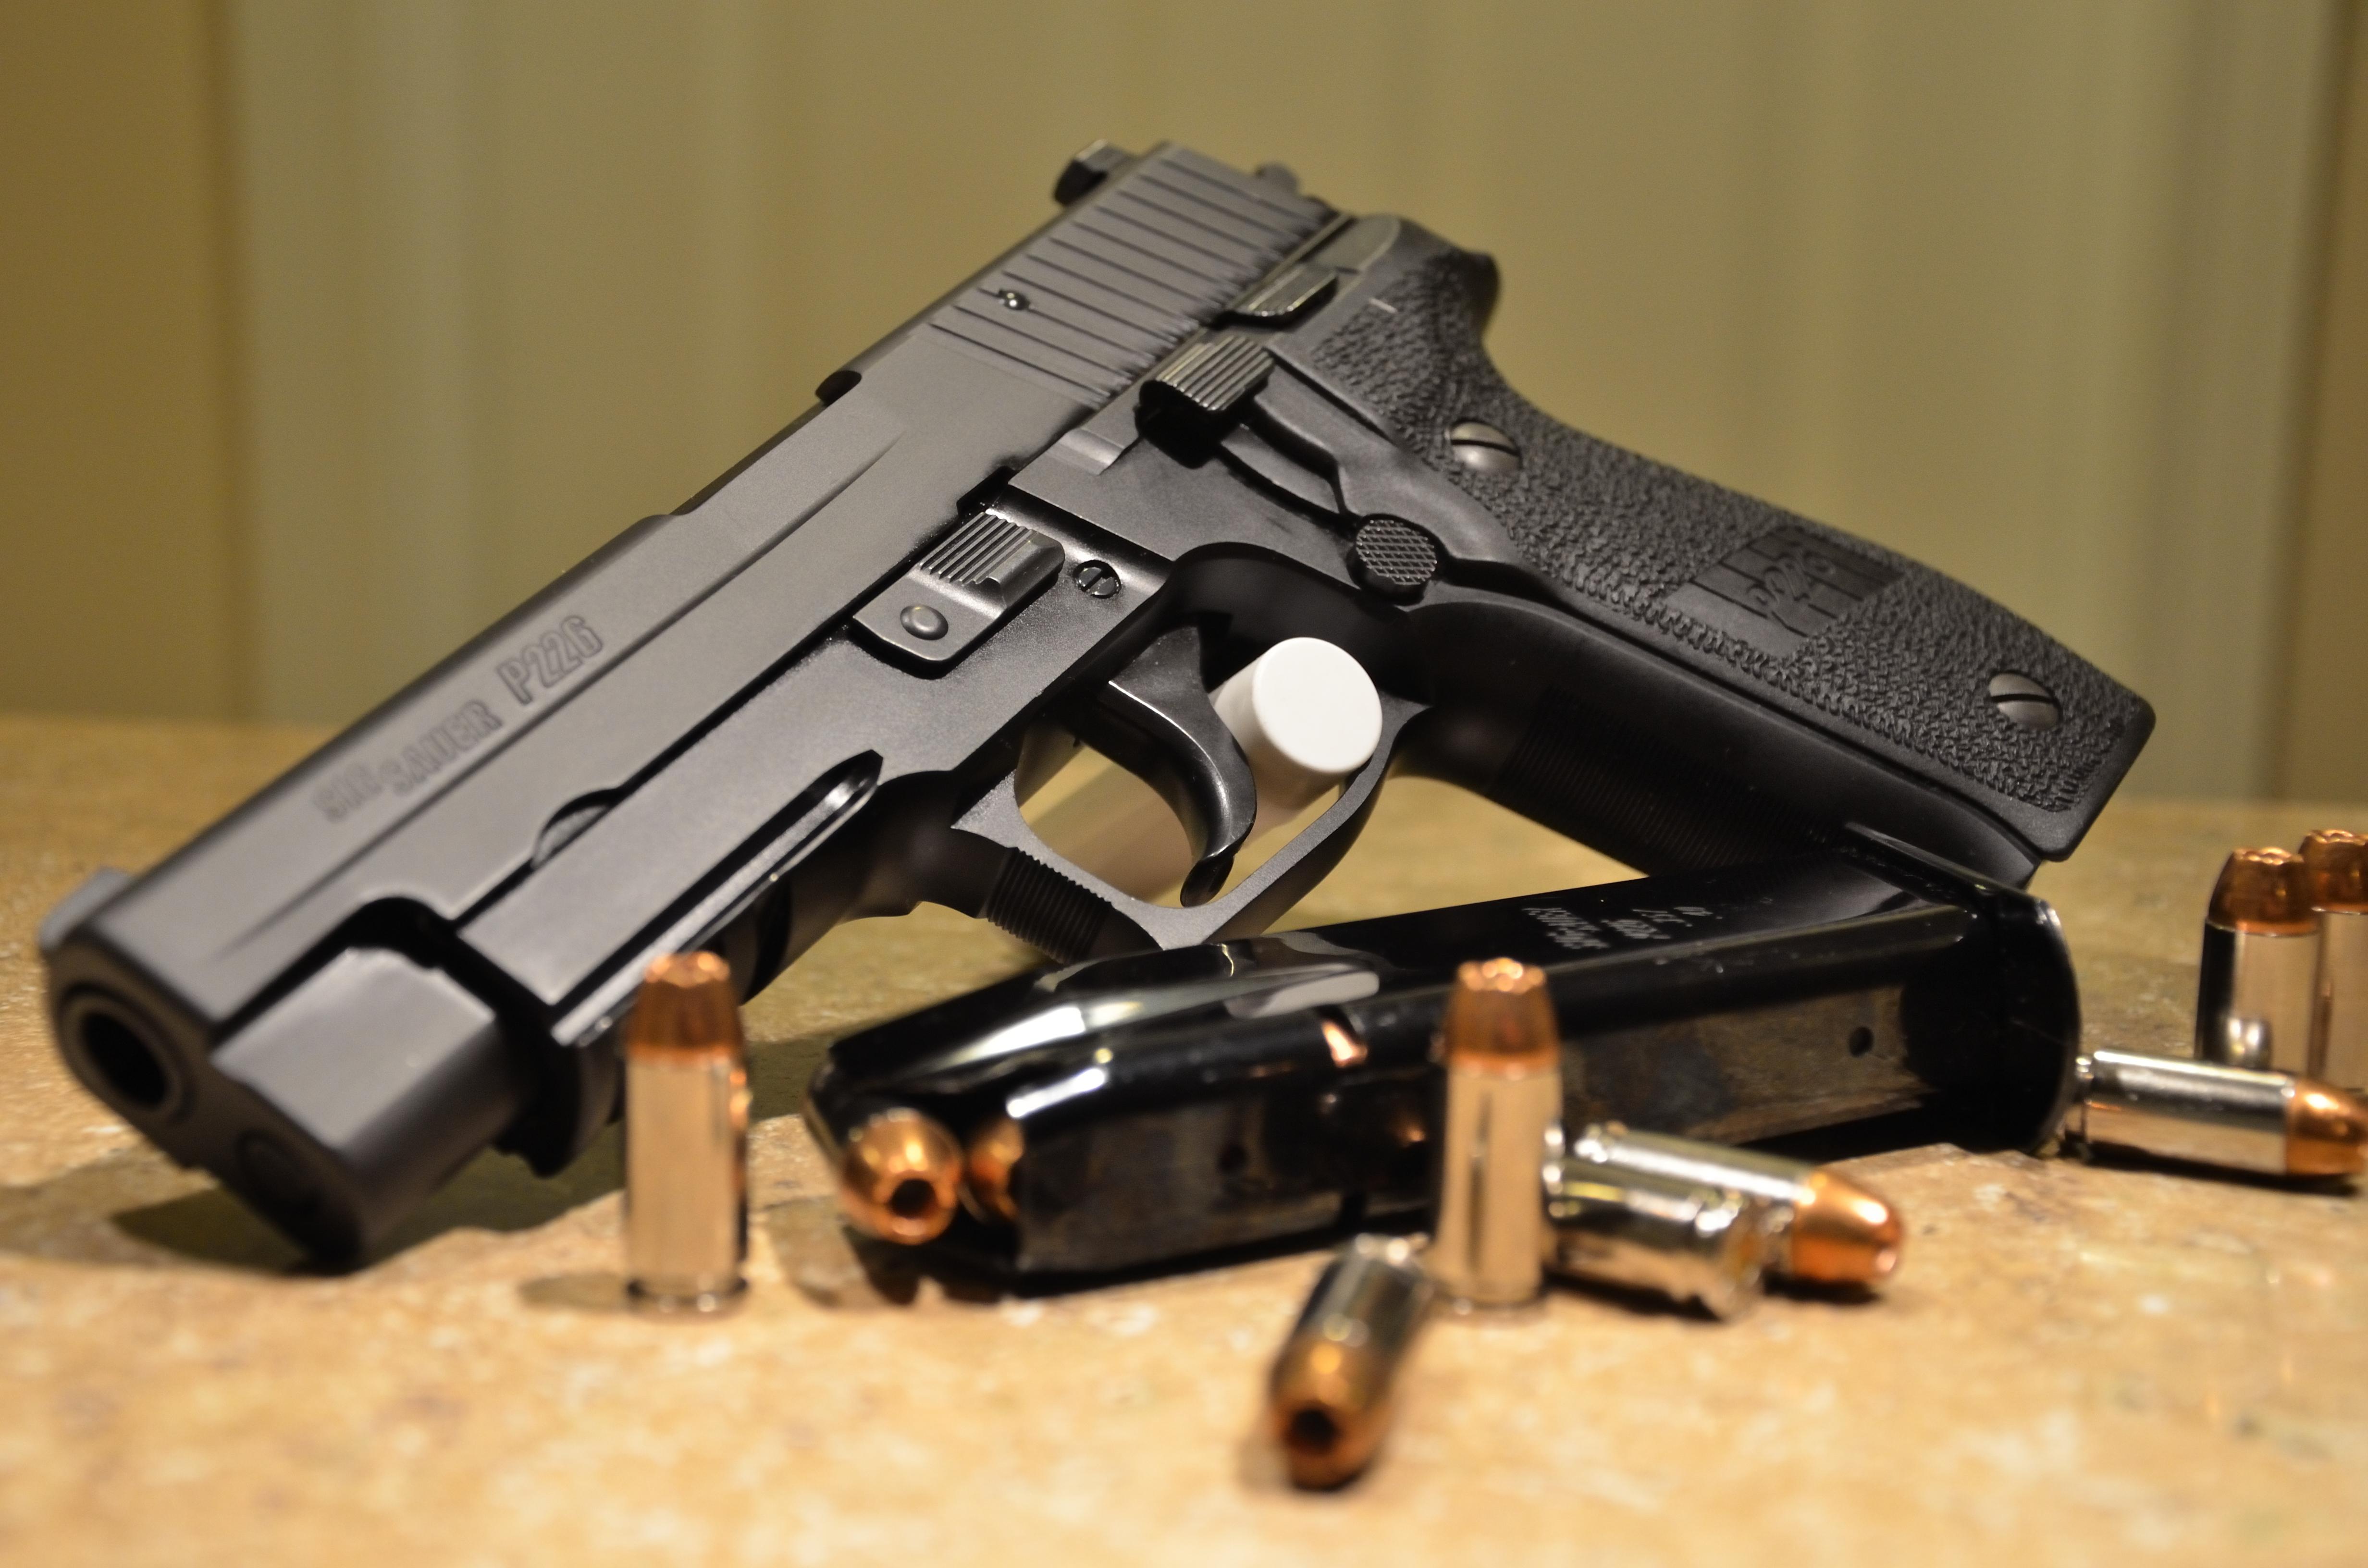 [MaJ] Pistolet 9 mm et formation : ce que change le décret du 28 novembre 2016